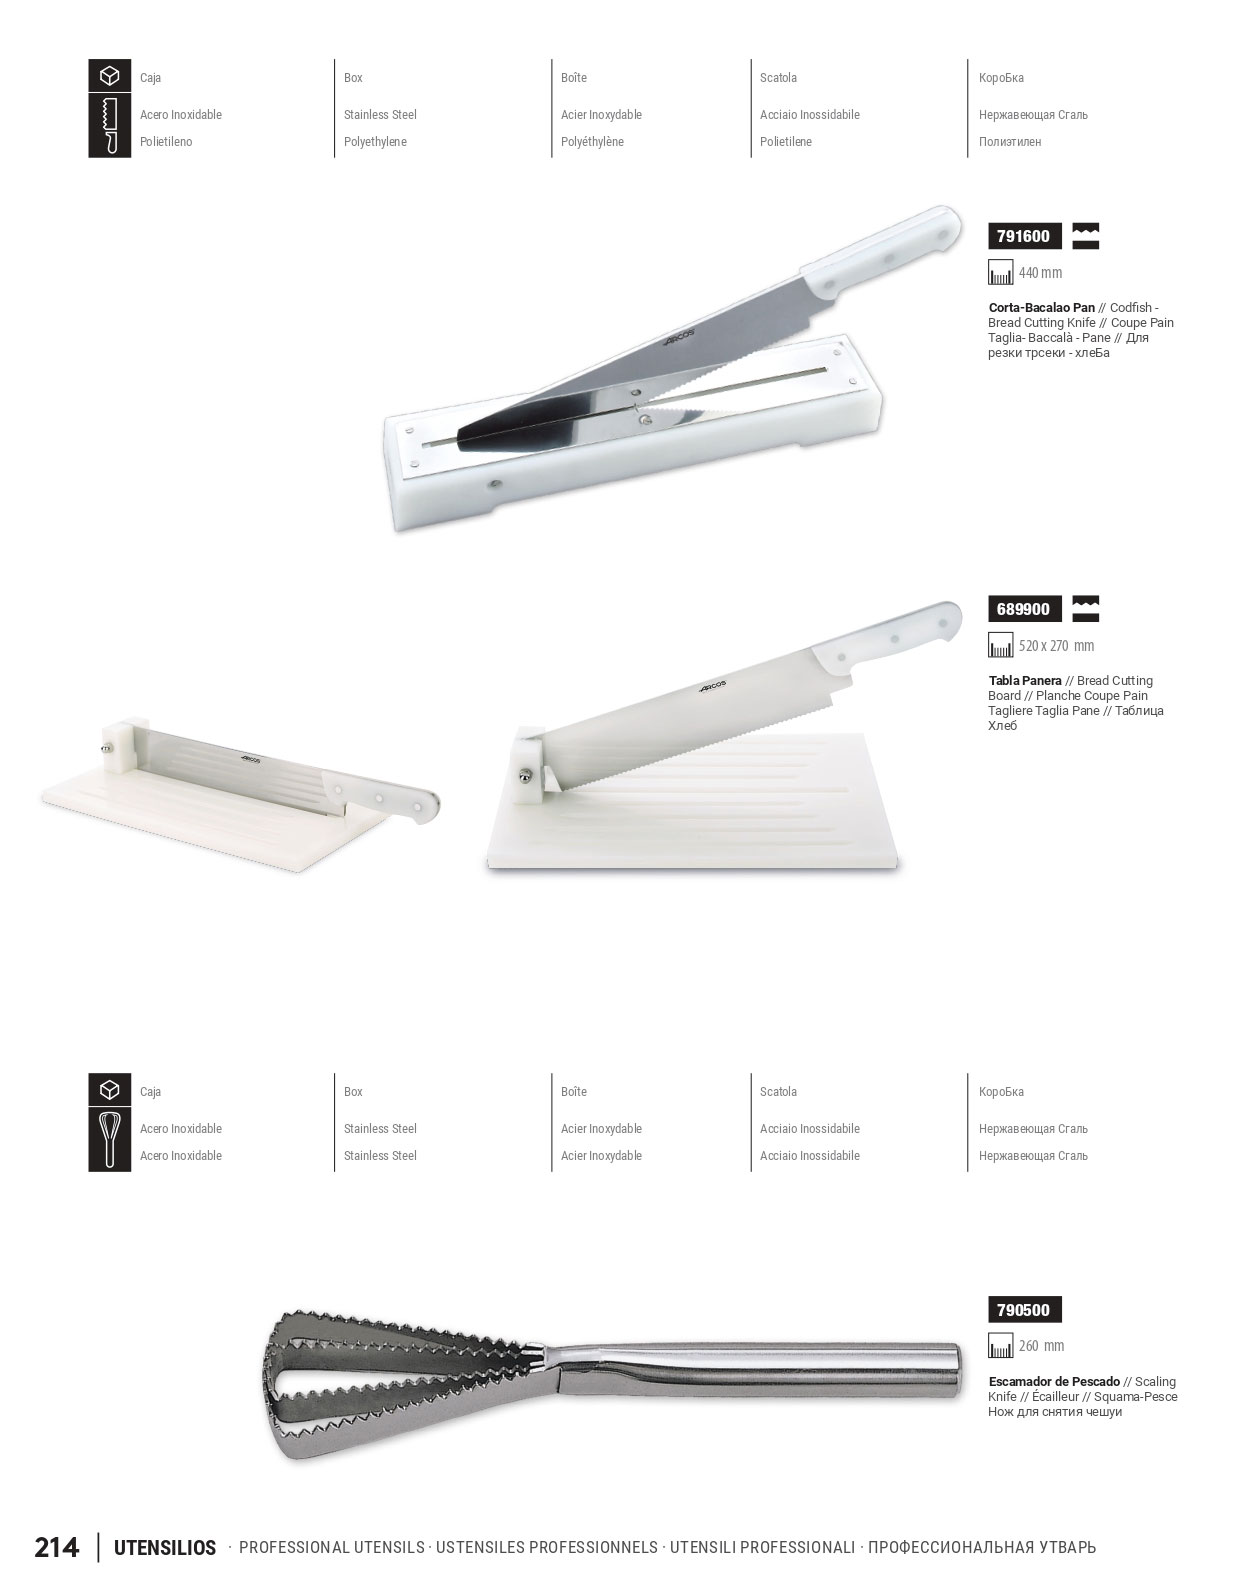 Cuchilleria profesional cocinero cuchillo verdura y for Cuchilleria profesional cocina